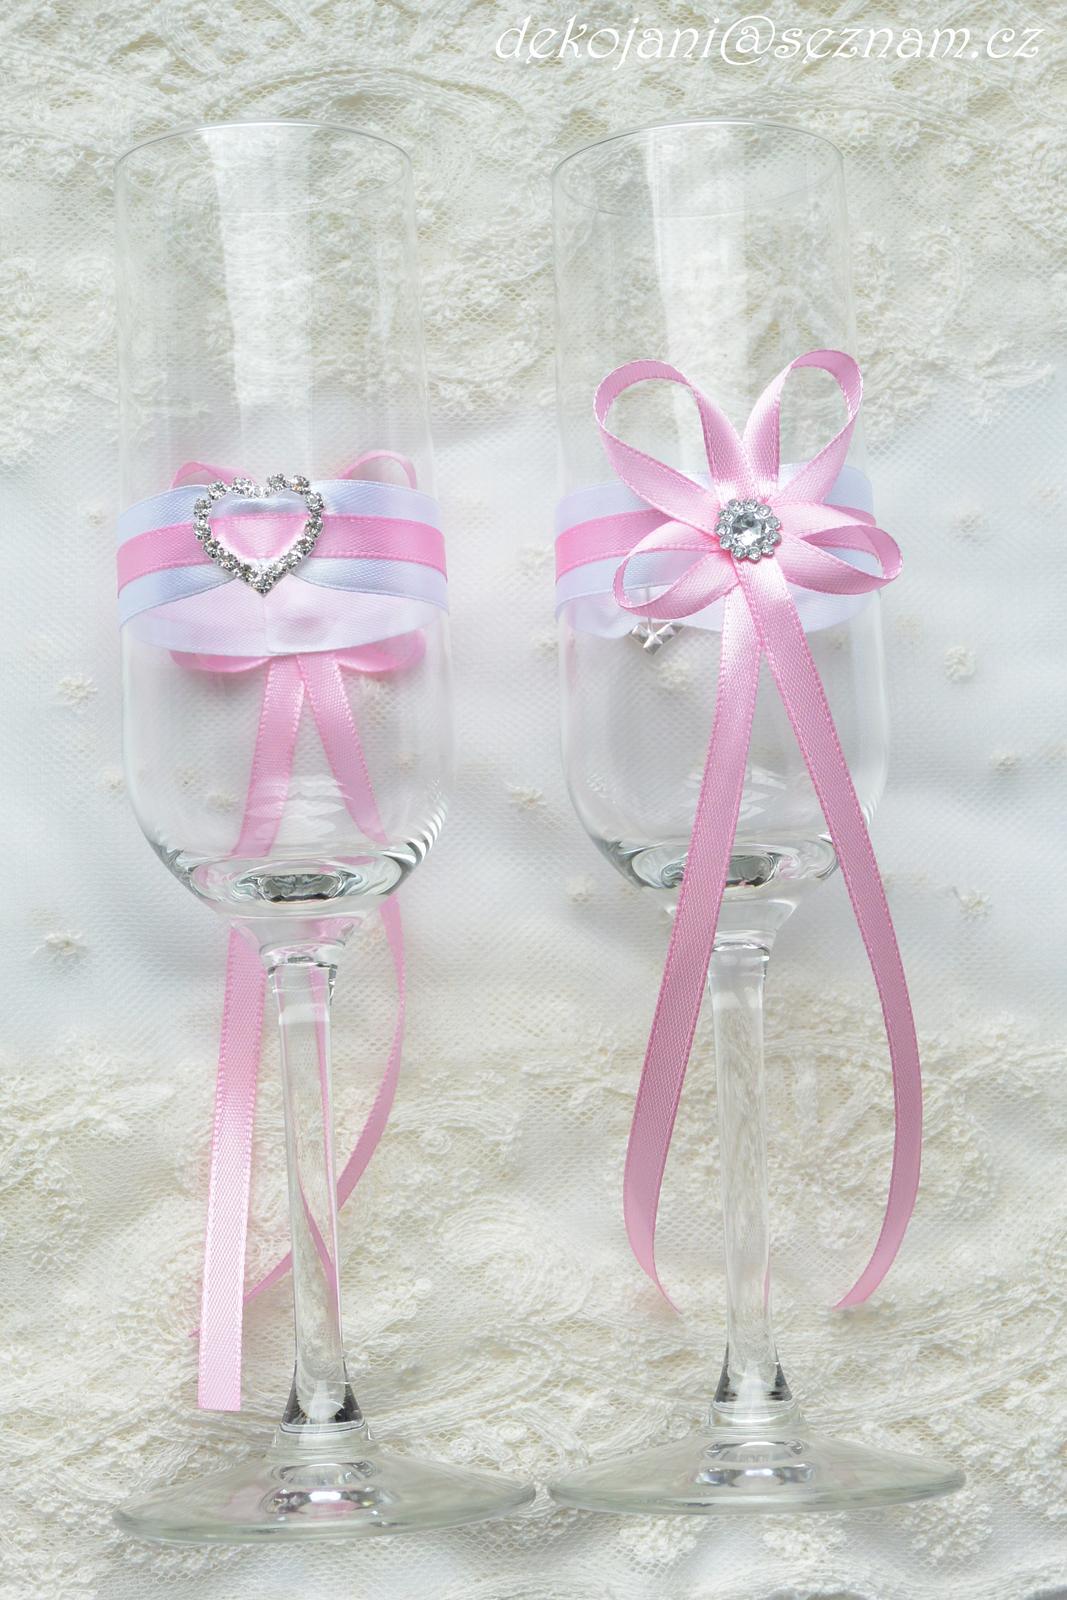 Jmenovky, svatební skleničky, mašle, závoje.. - Obrázek č. 16